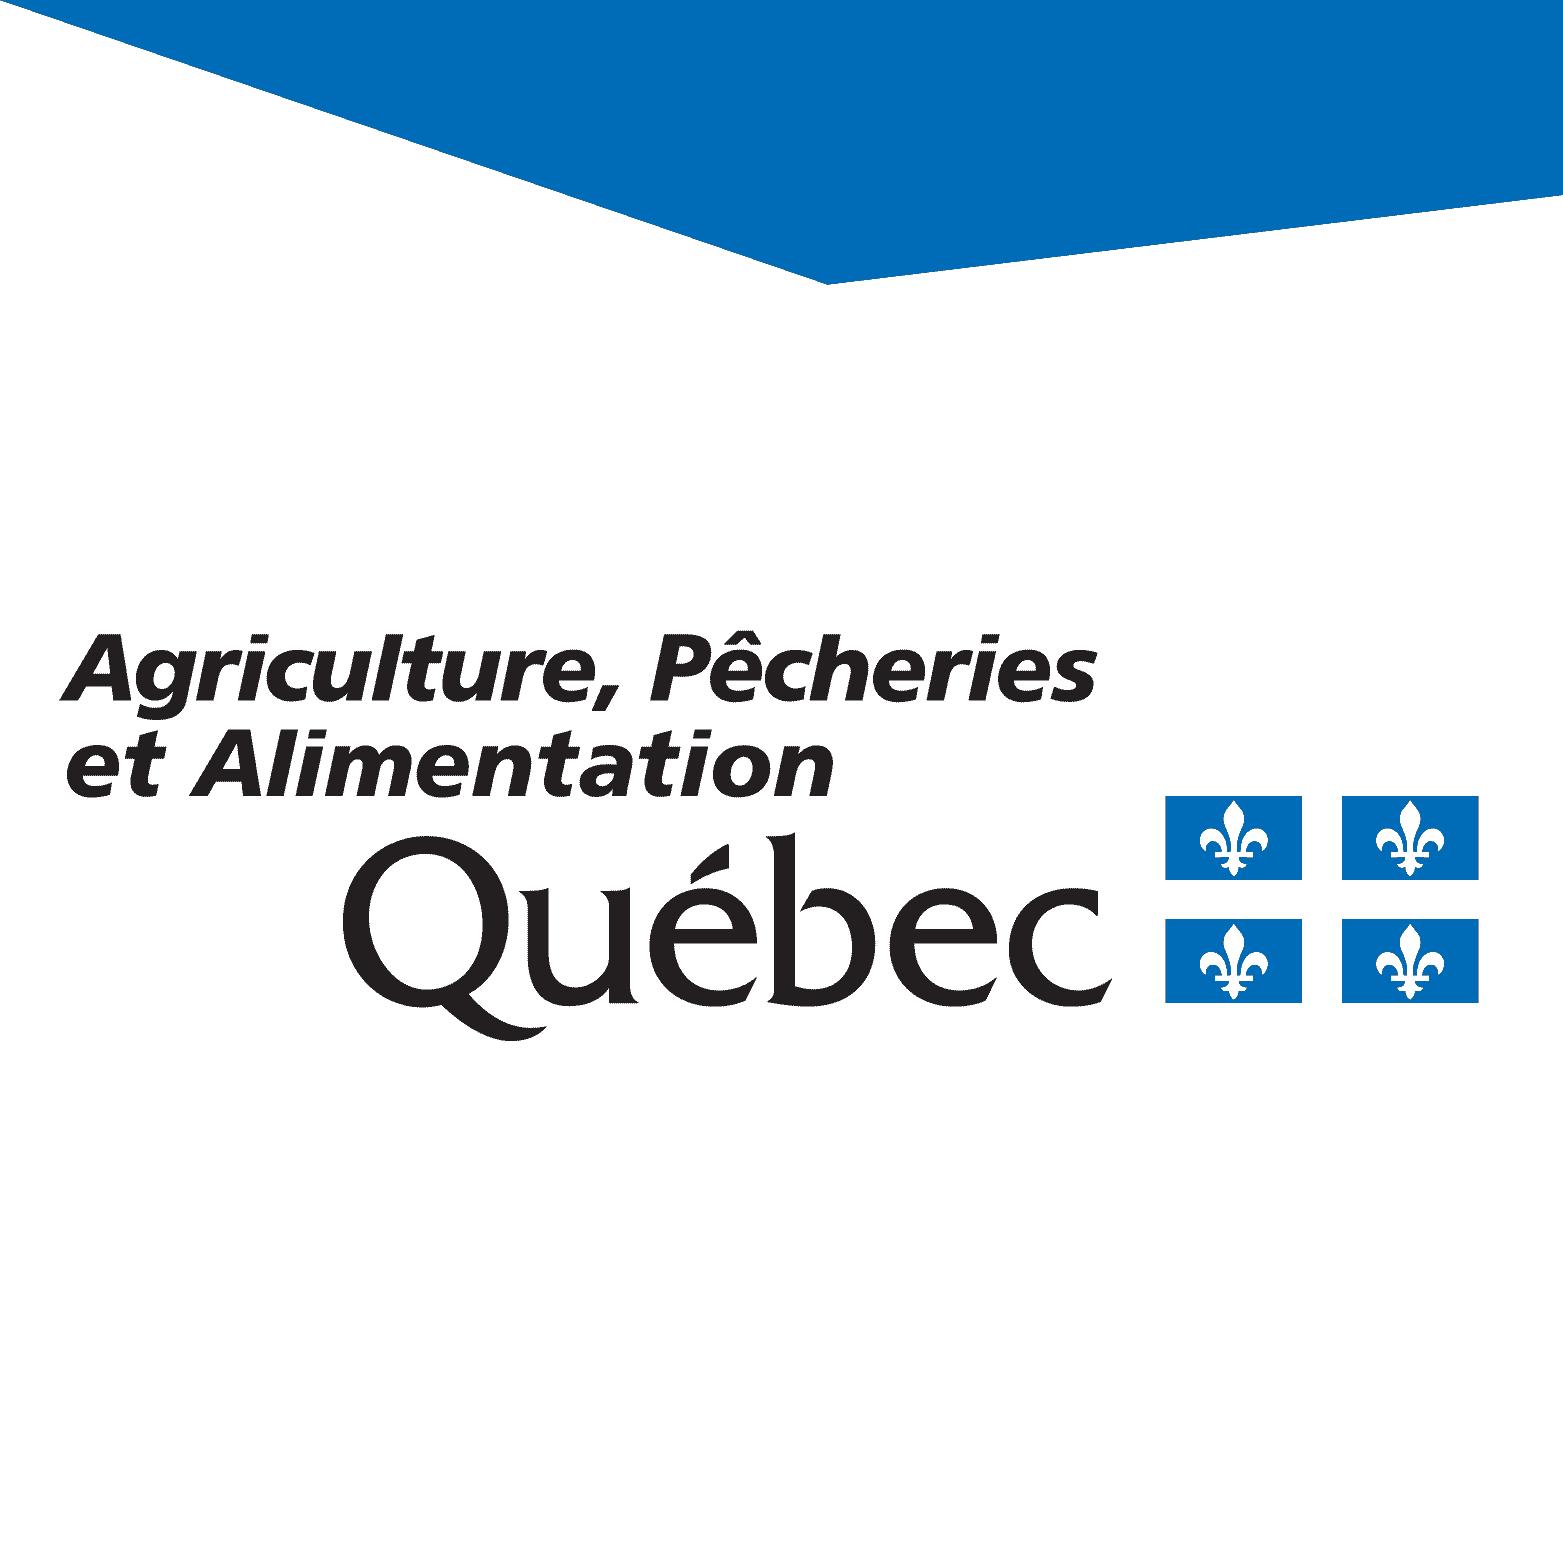 Logo du Mapaq - Agriculture, pêcheries et alimentation - Québec